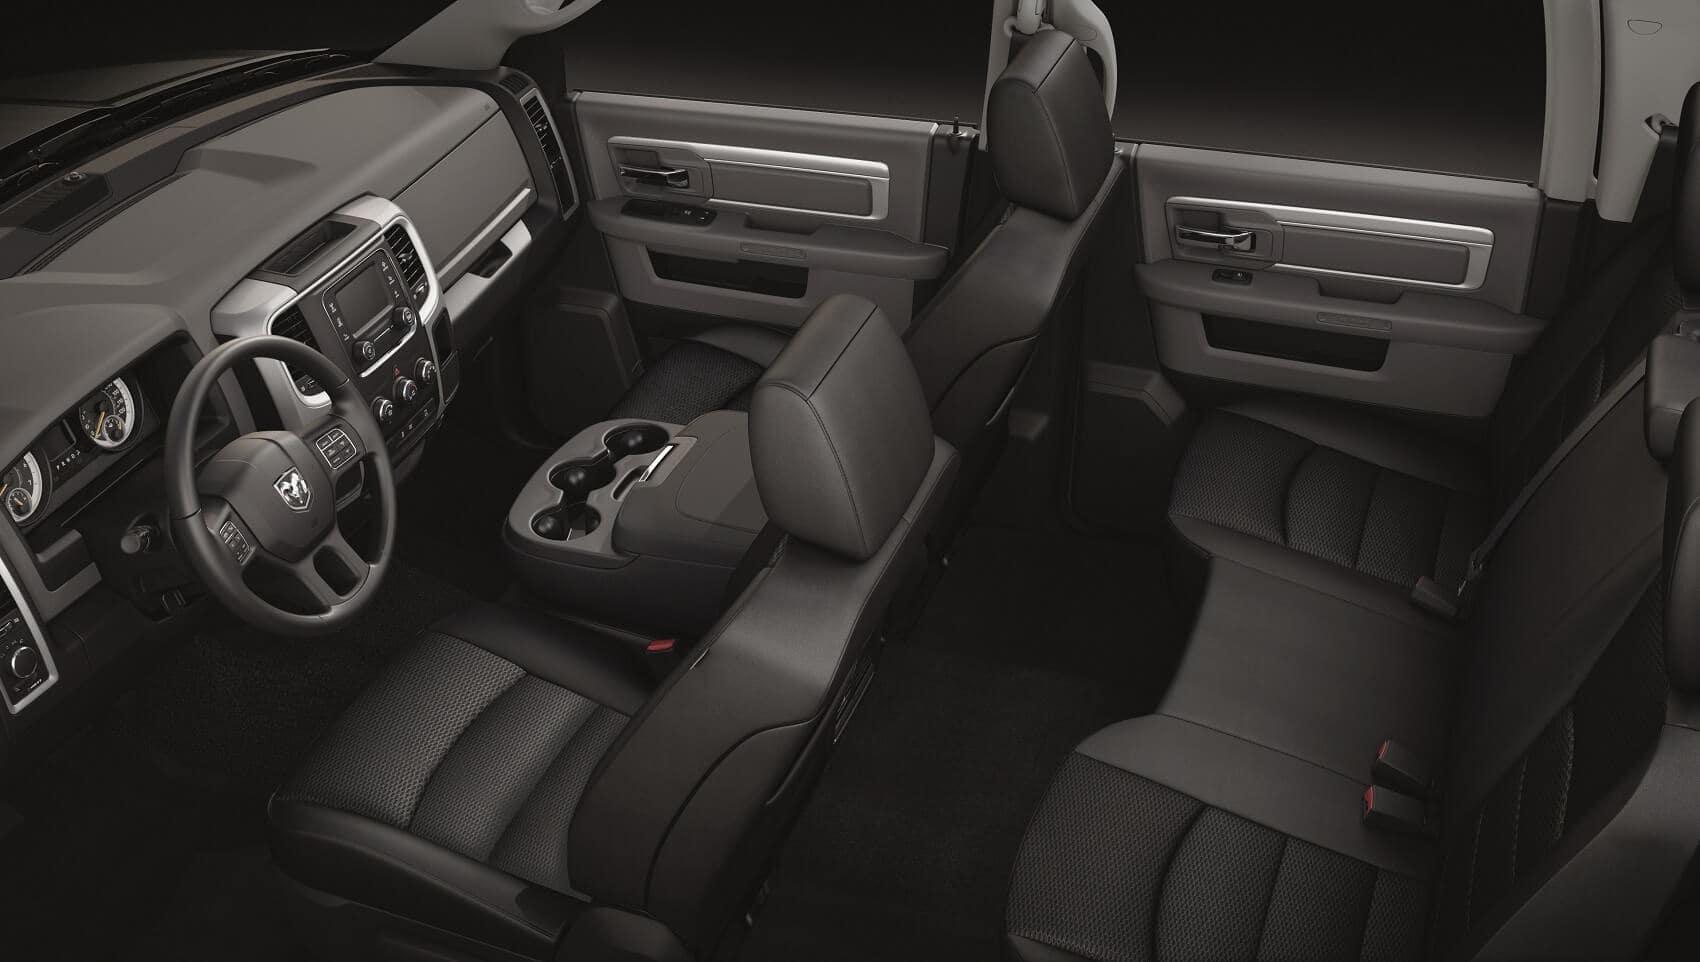 RAM 1500 Interior Space